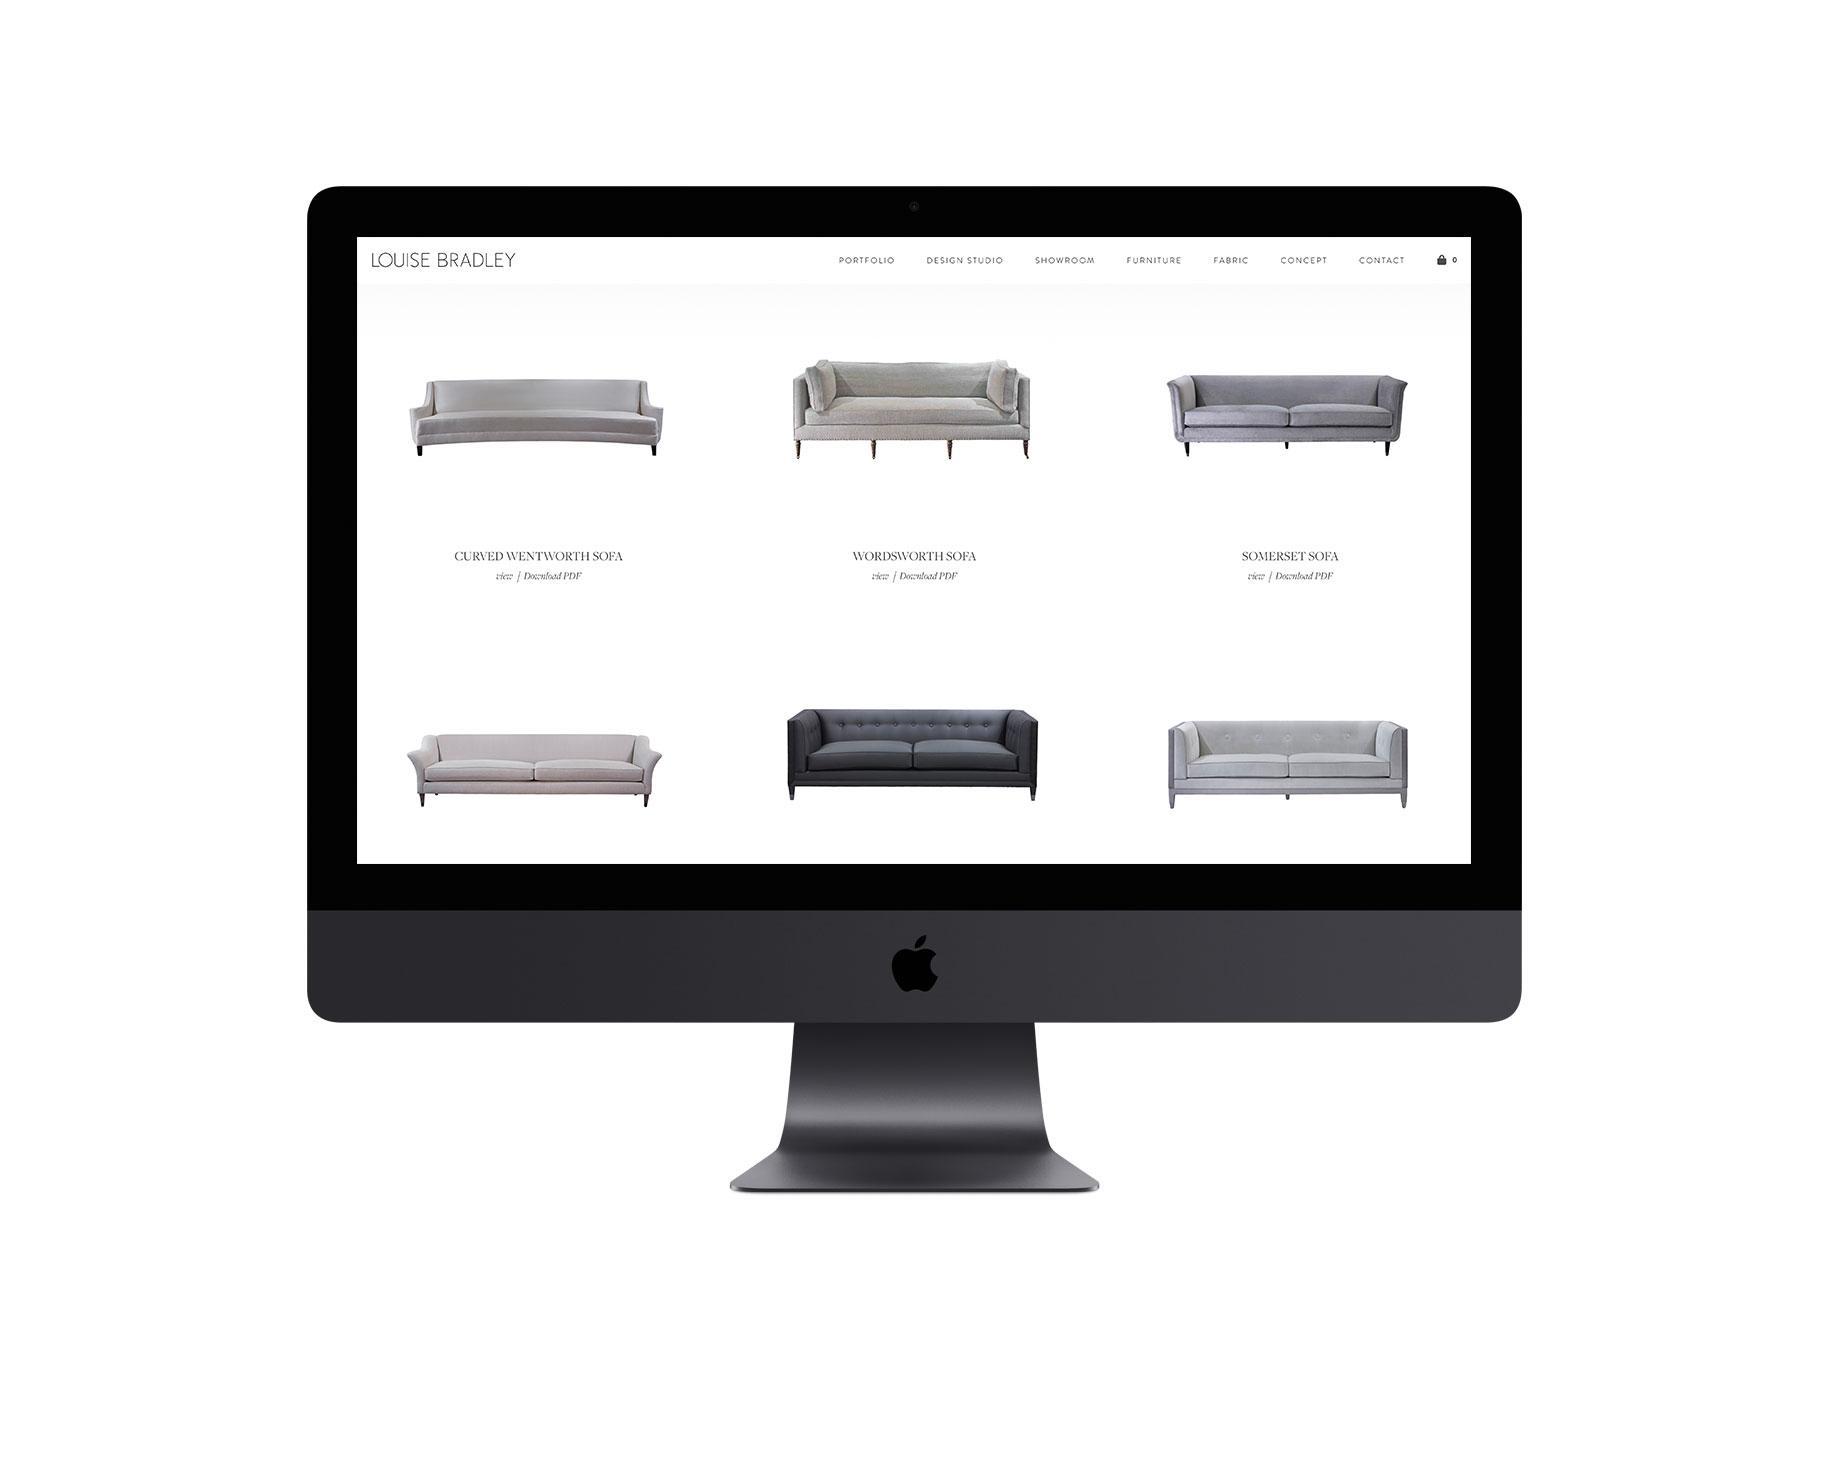 LB-Website-3.jpg